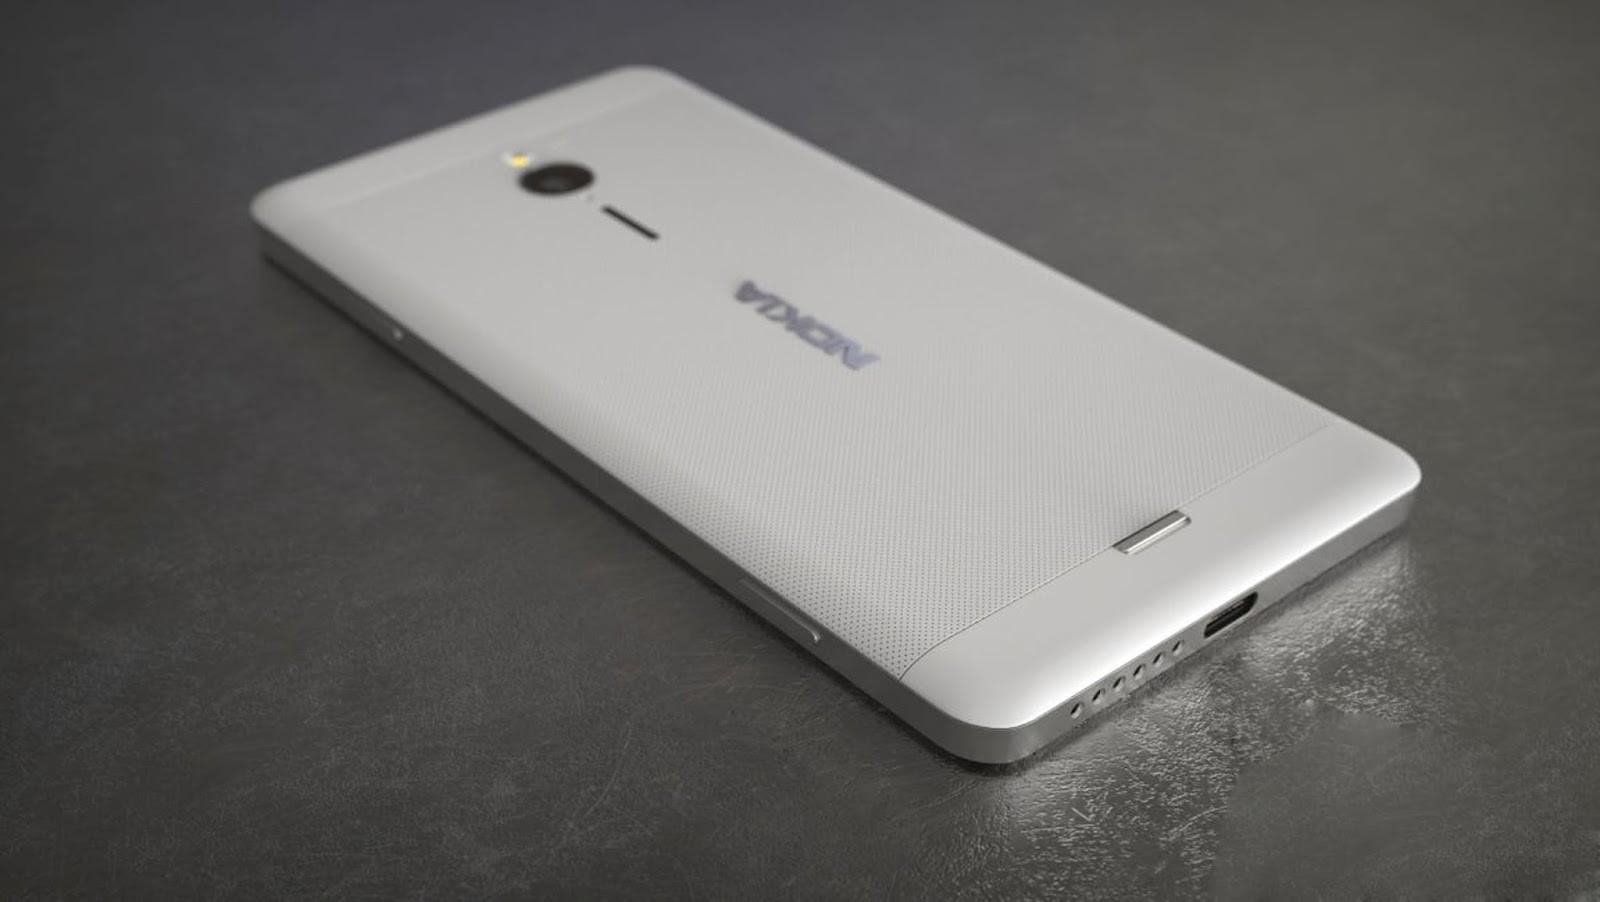 Характеристики нового телефона от нокиа уже известны